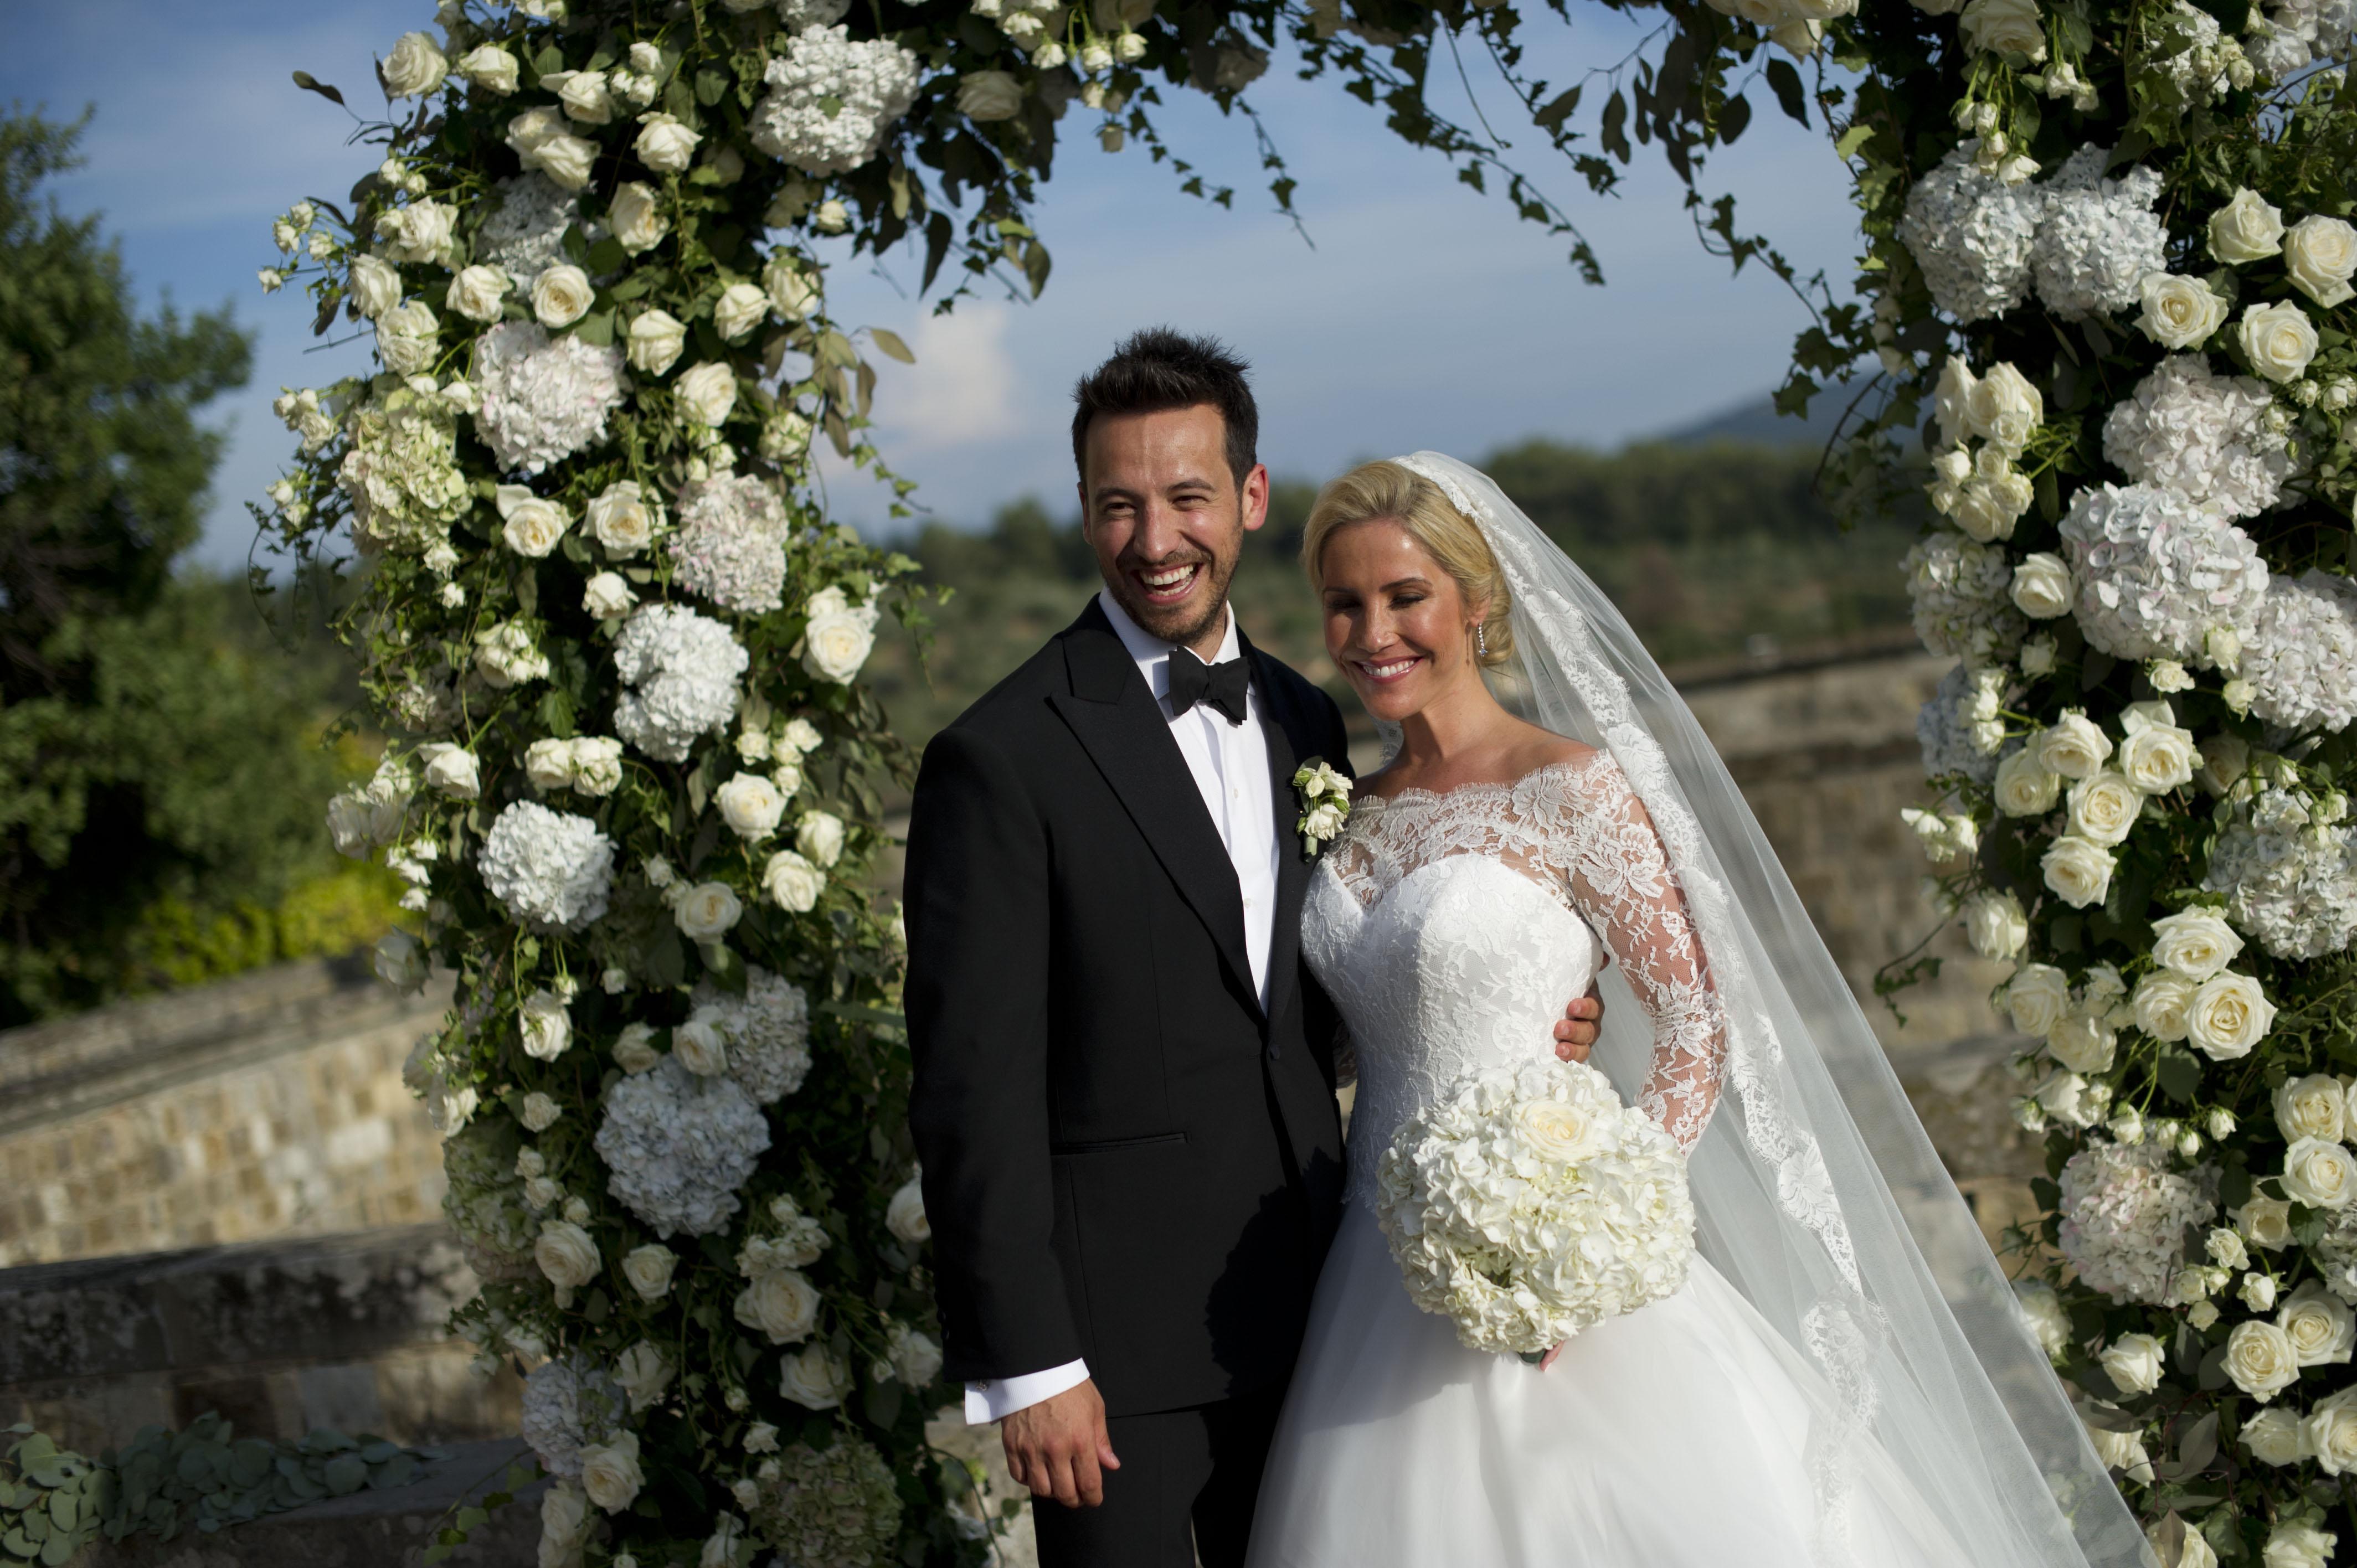 heidi-range-suzanne-neville-wedding-gown-1